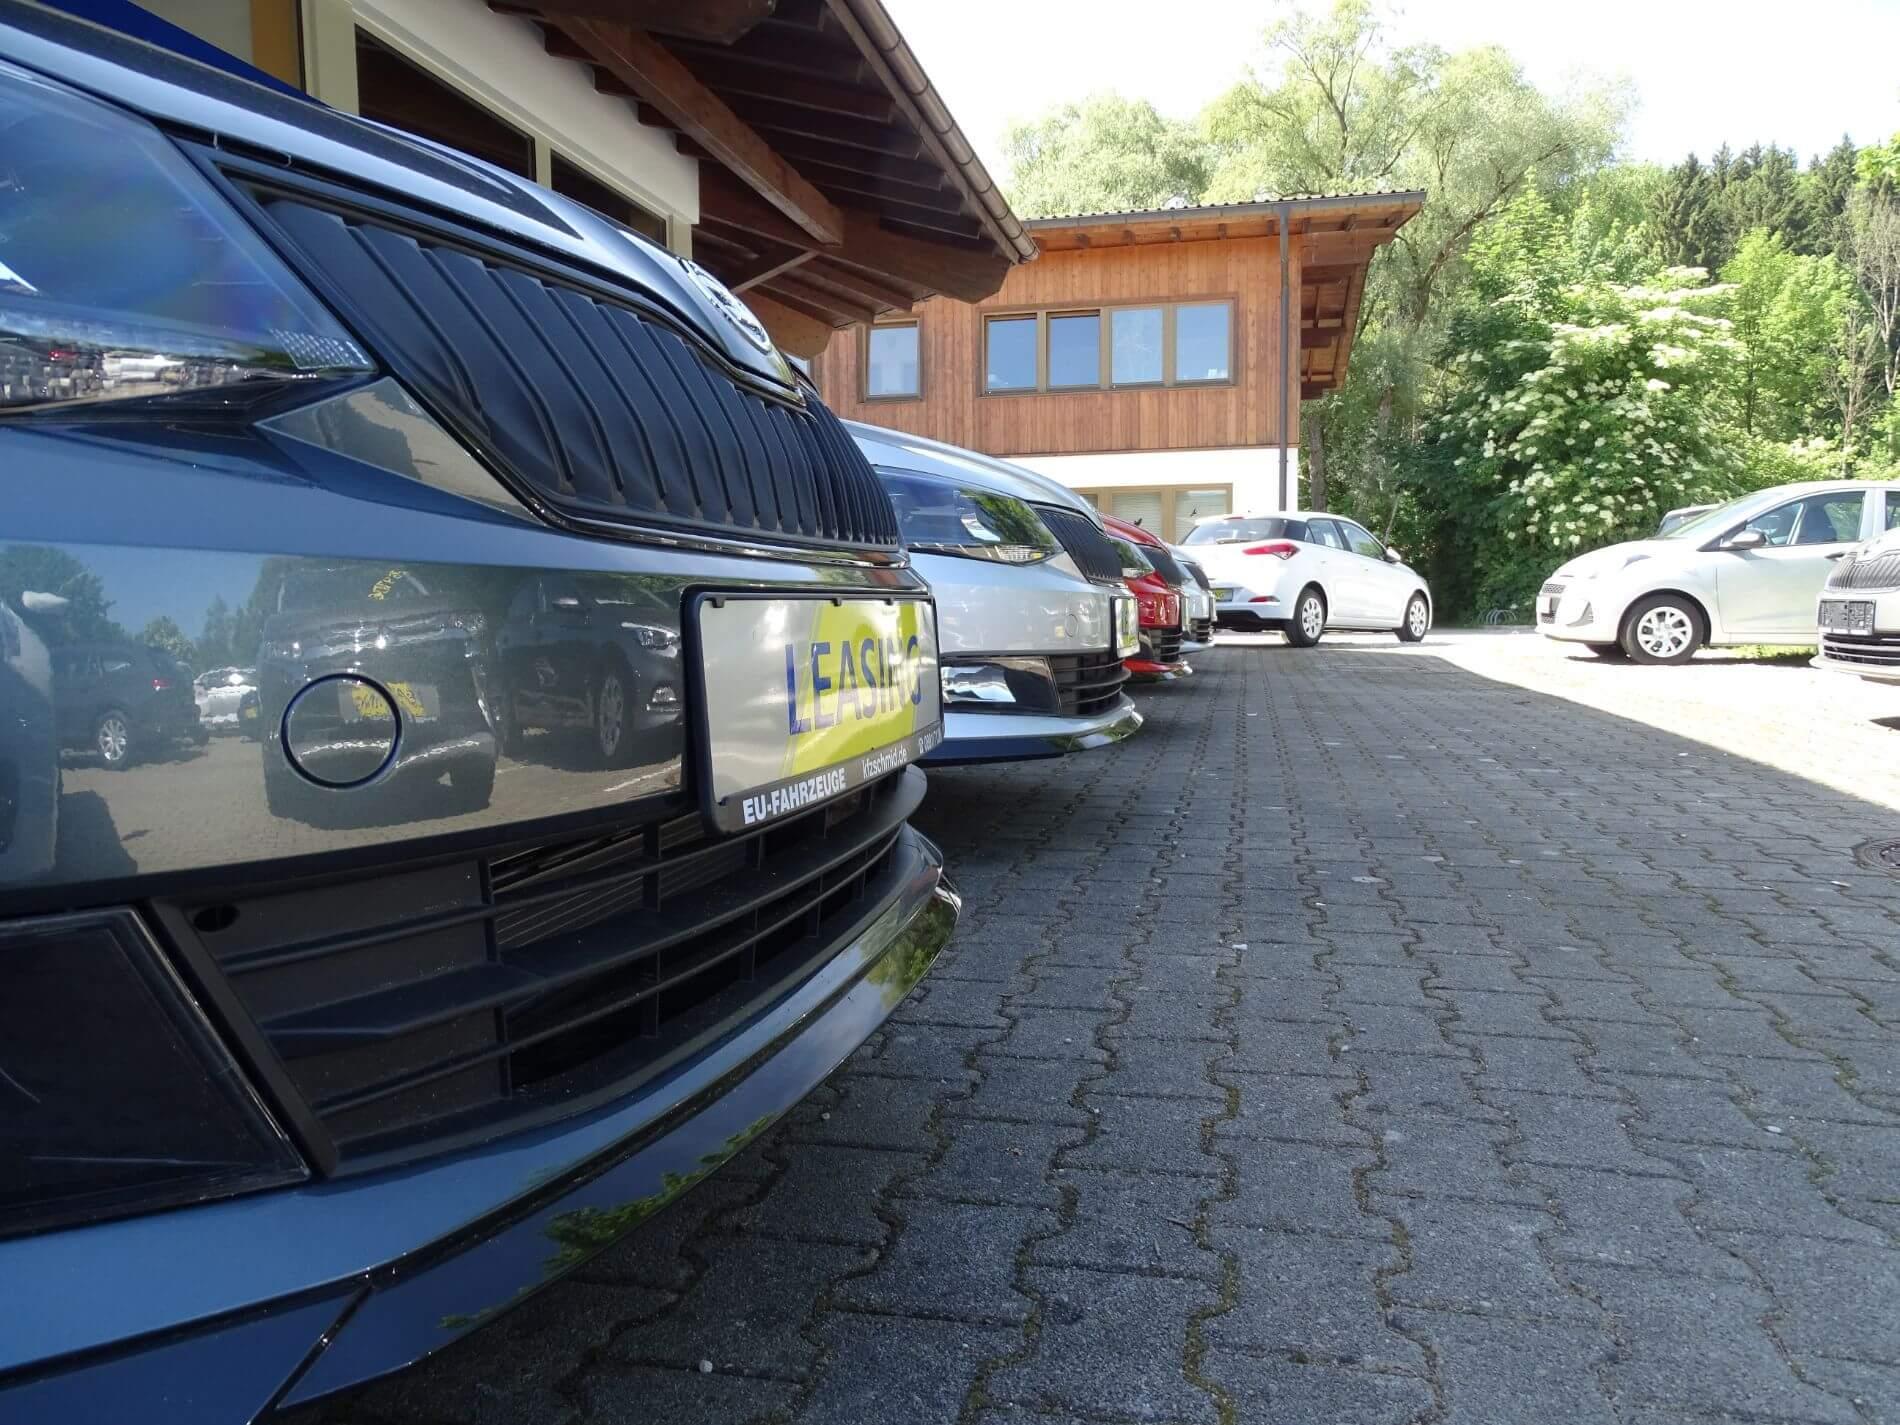 Autohaus Schmid - Eine der größten freien Werkstätten in der Umgebung von Weilheim